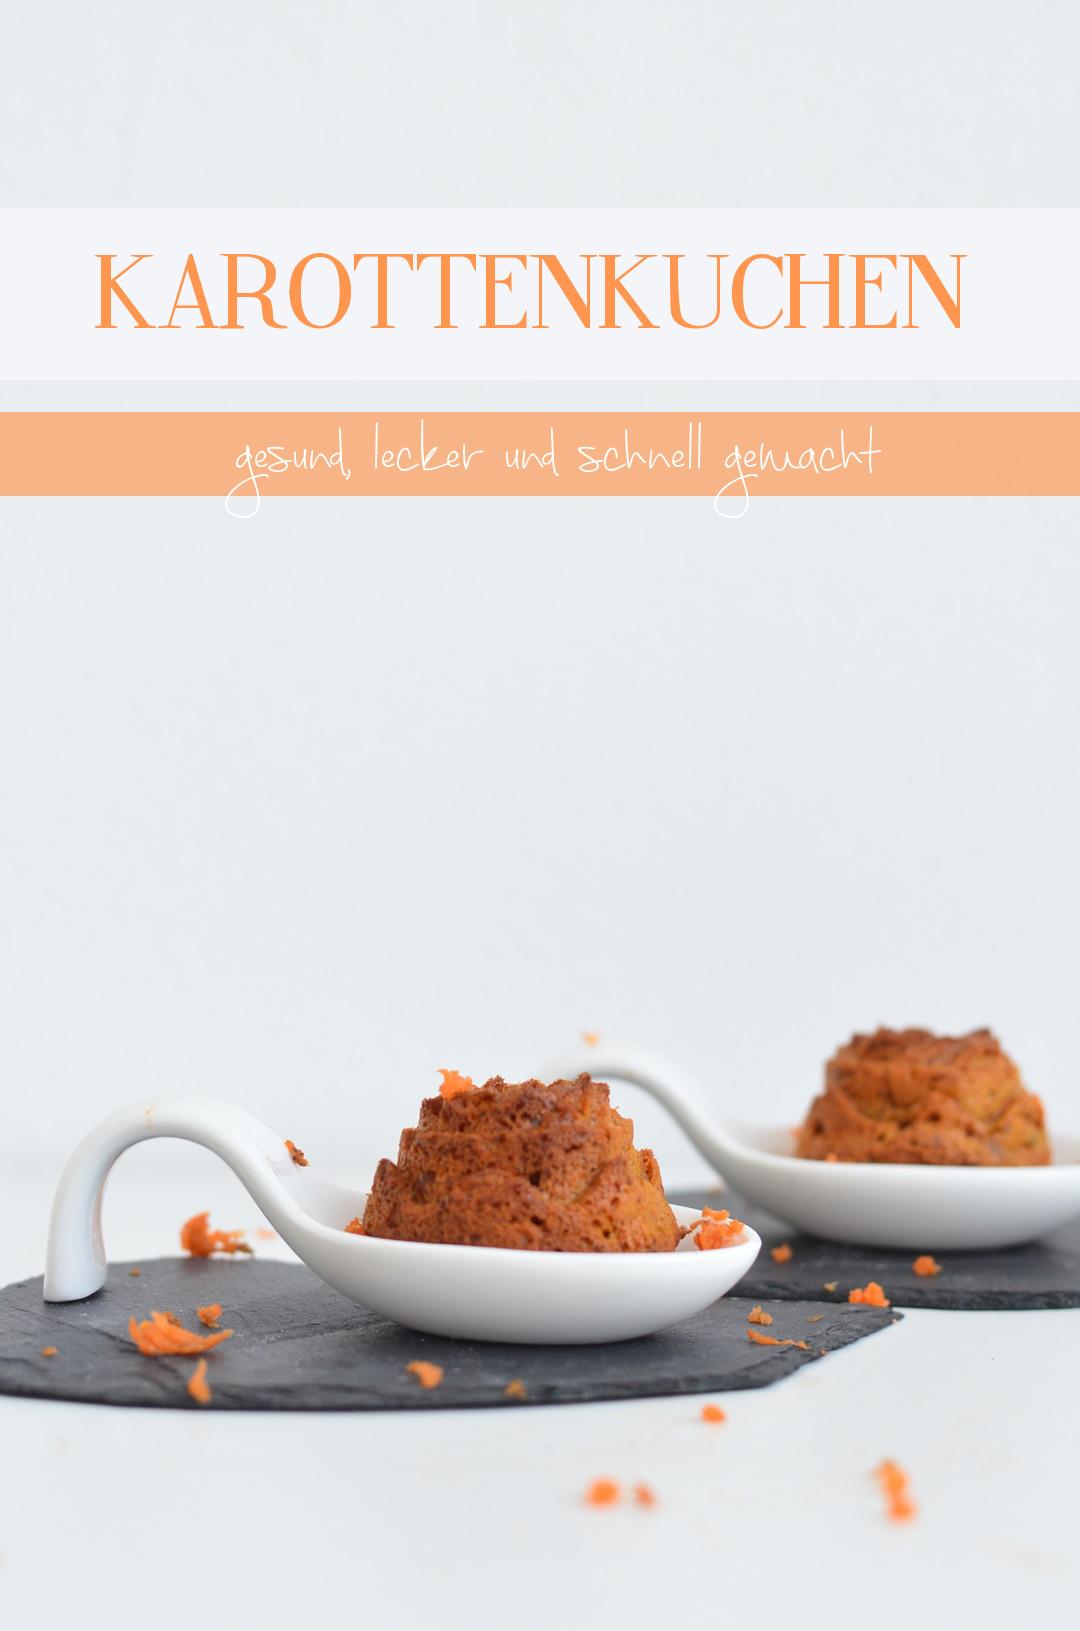 Karottenkuchen-Karottenmuffins-Möhrchenmuffins-möhrchenkuchen-möhrenkuchen-gesunder-kuchen-Rezept-für-Karottenkuchen-Annanikabu_